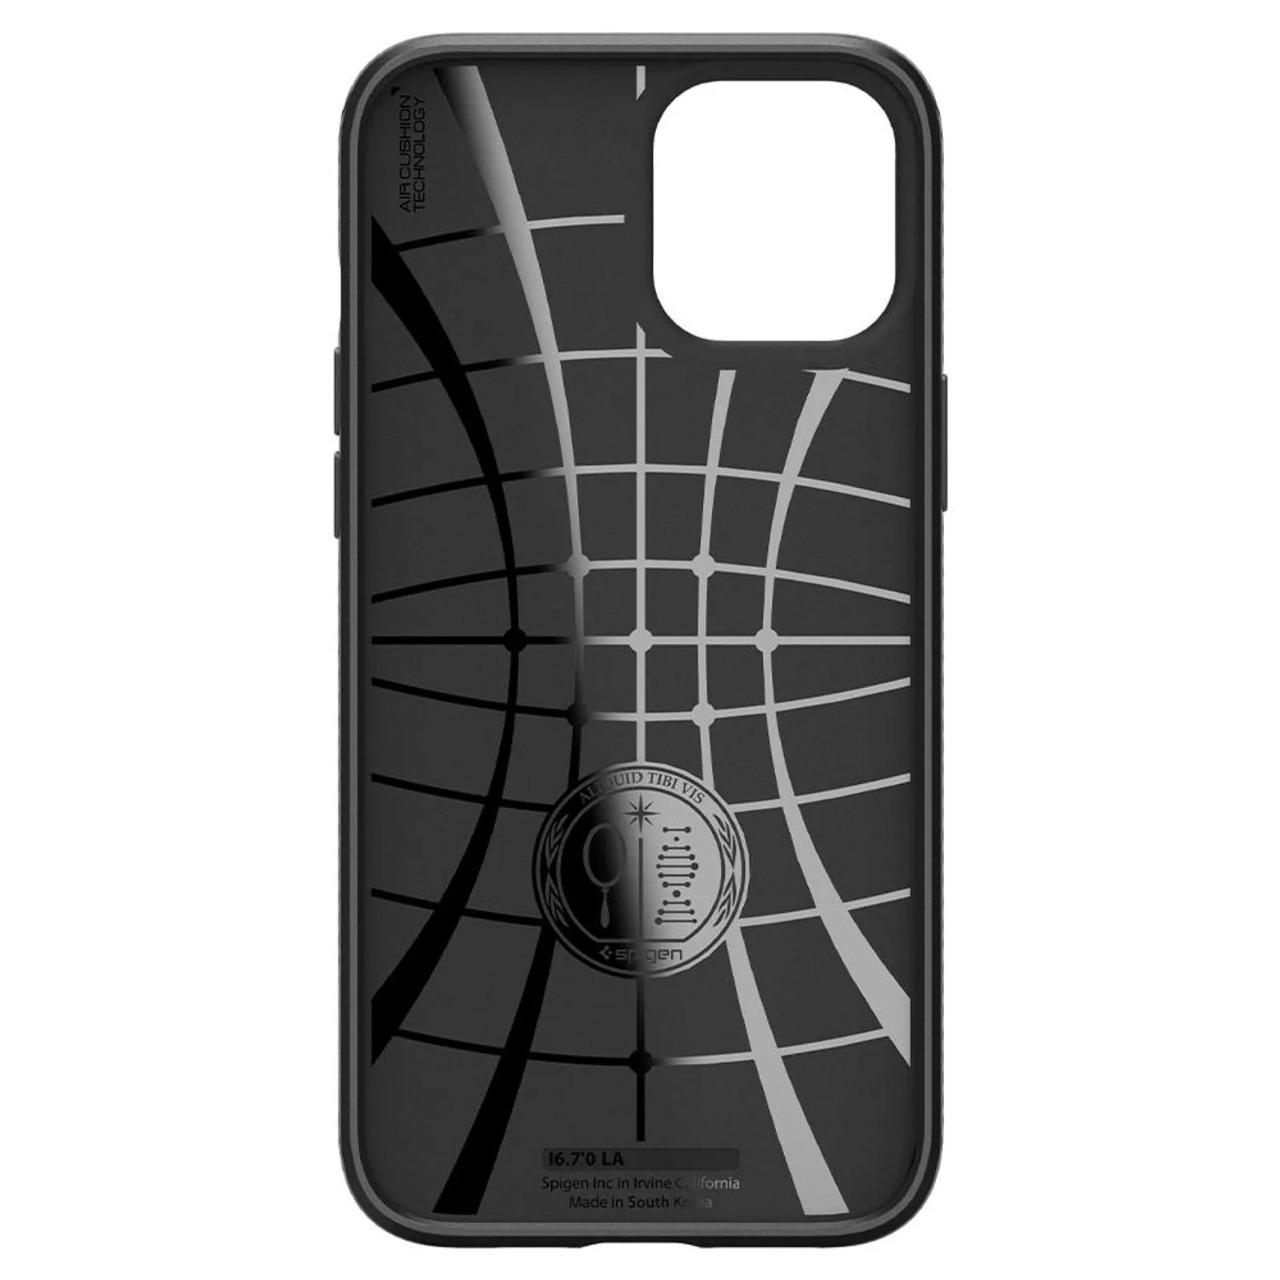 Capa Liquid Air Matte Black Compatível com iPhone 12/12 Pro